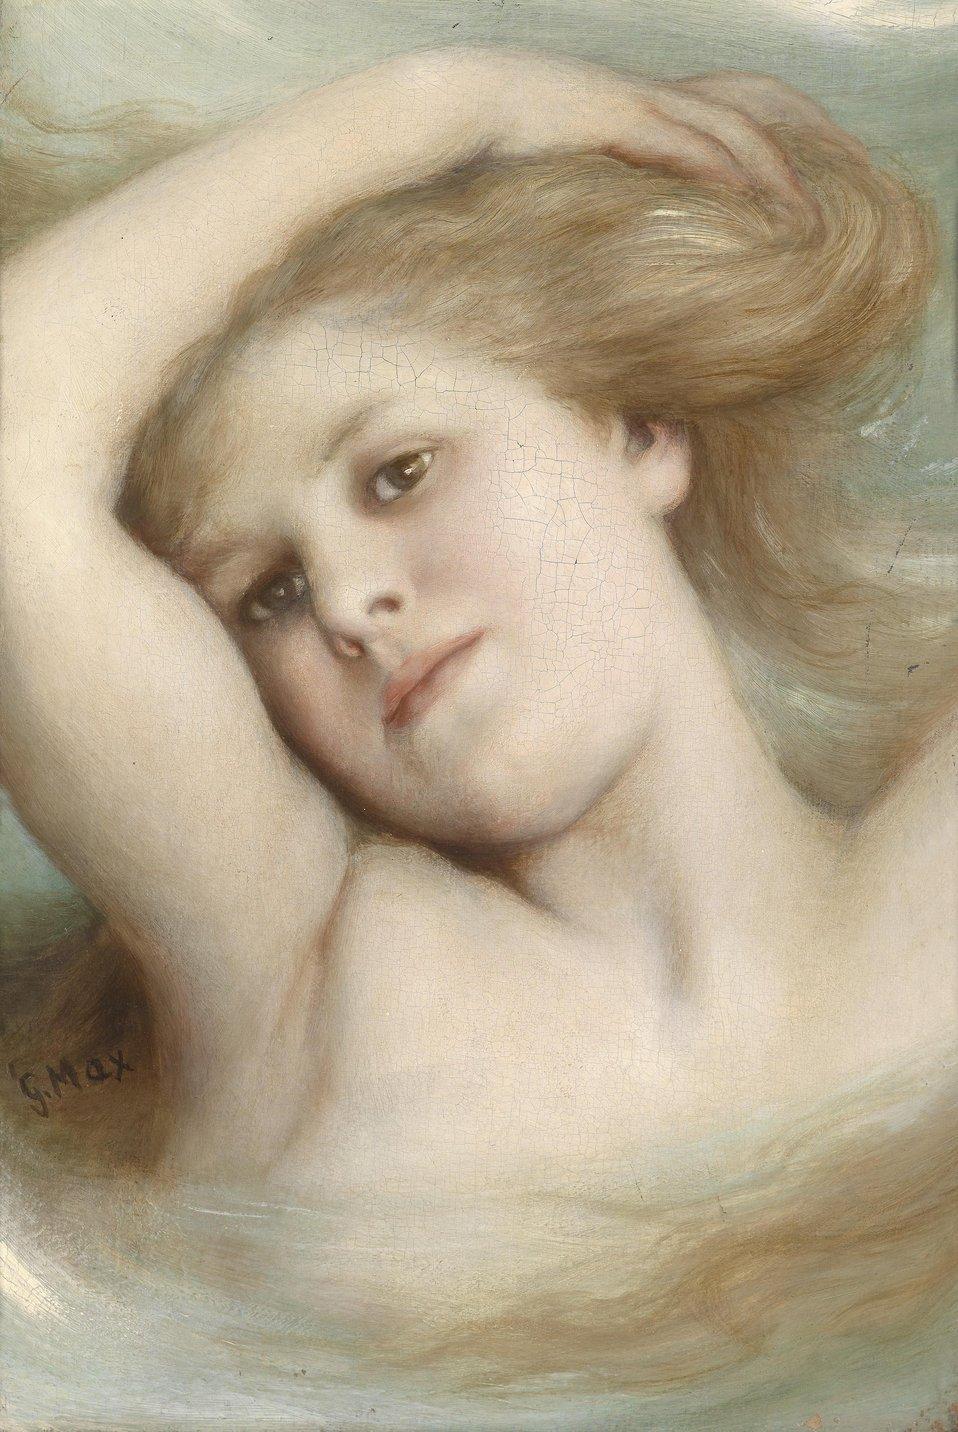 Kopf eines träumenden Mädchens, signiert G. Max, Öl auf Leinwand, 36 x 24,5 cm